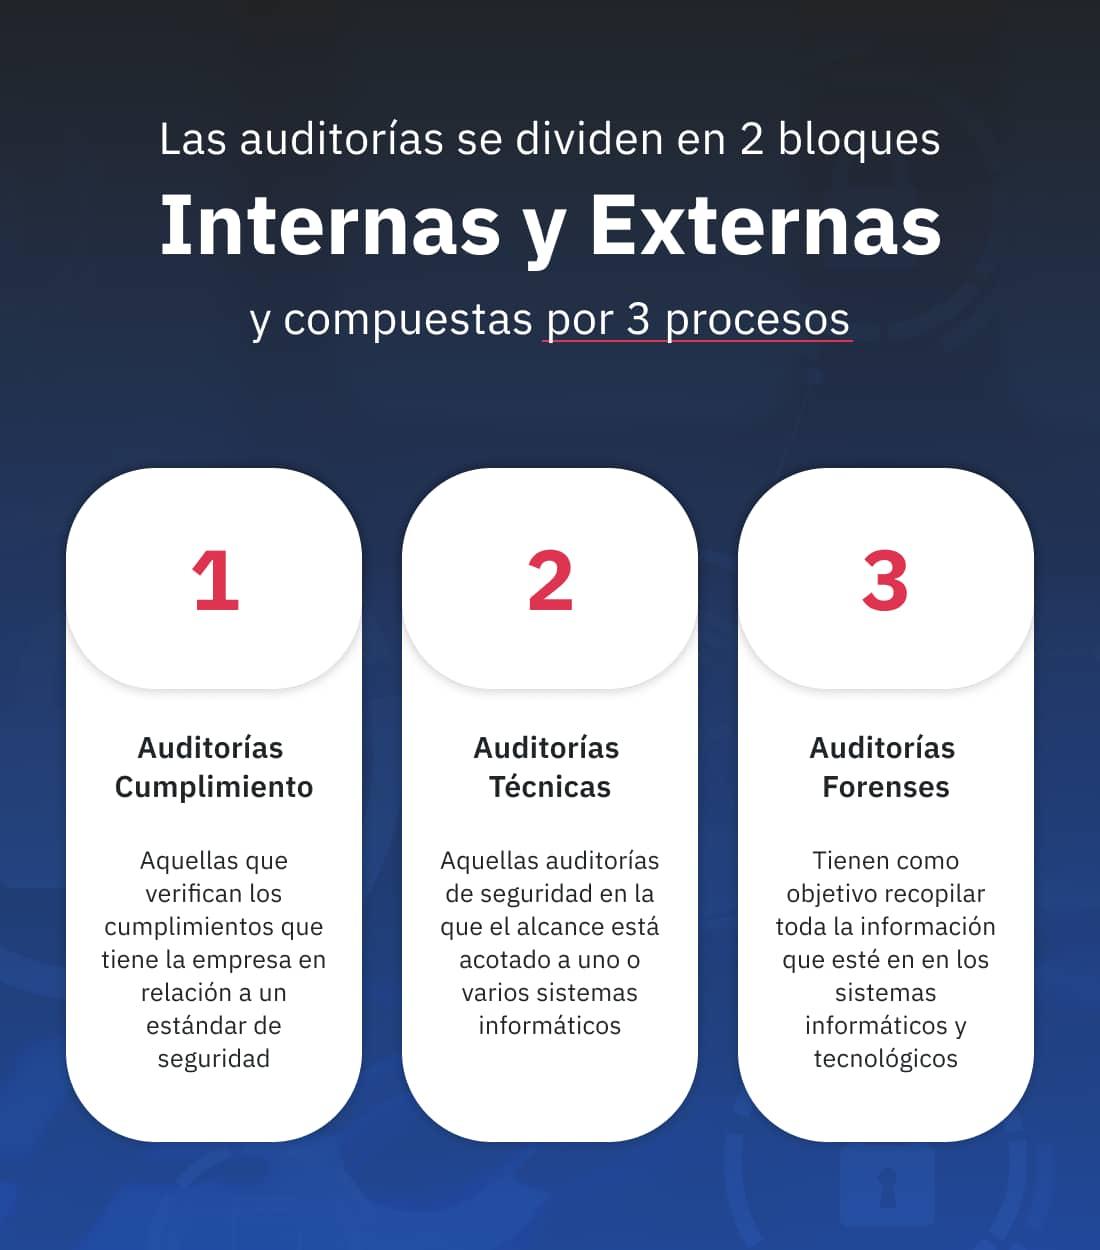 Auditoria de Seguridad Informatica - formatos y procesos